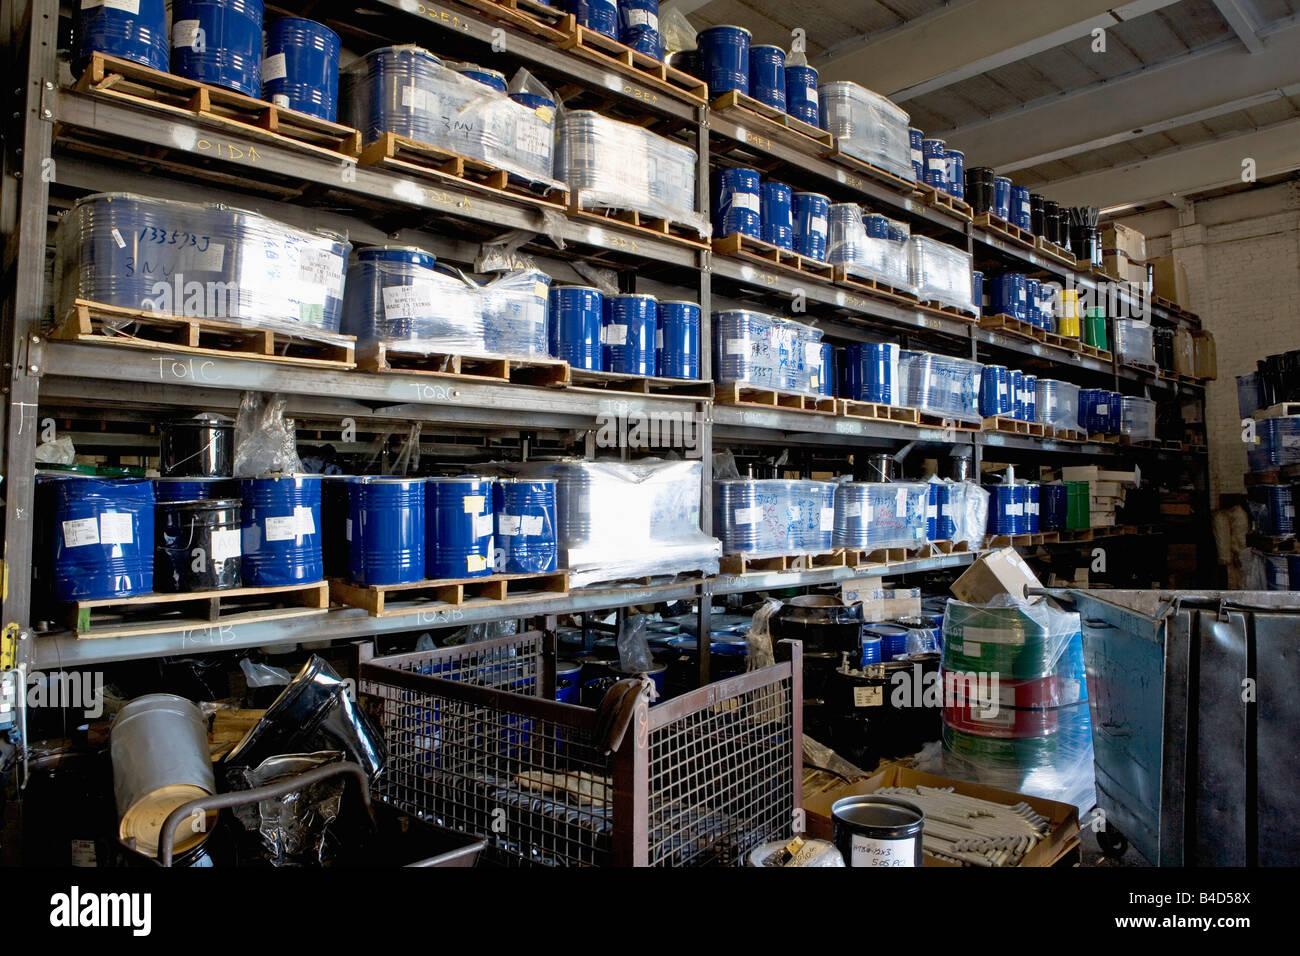 Magazzino, abbondanza, corridoio, collare blu, commercio, fabbrica, sollevamento forche, inventario, metallo, acciaio, Immagini Stock